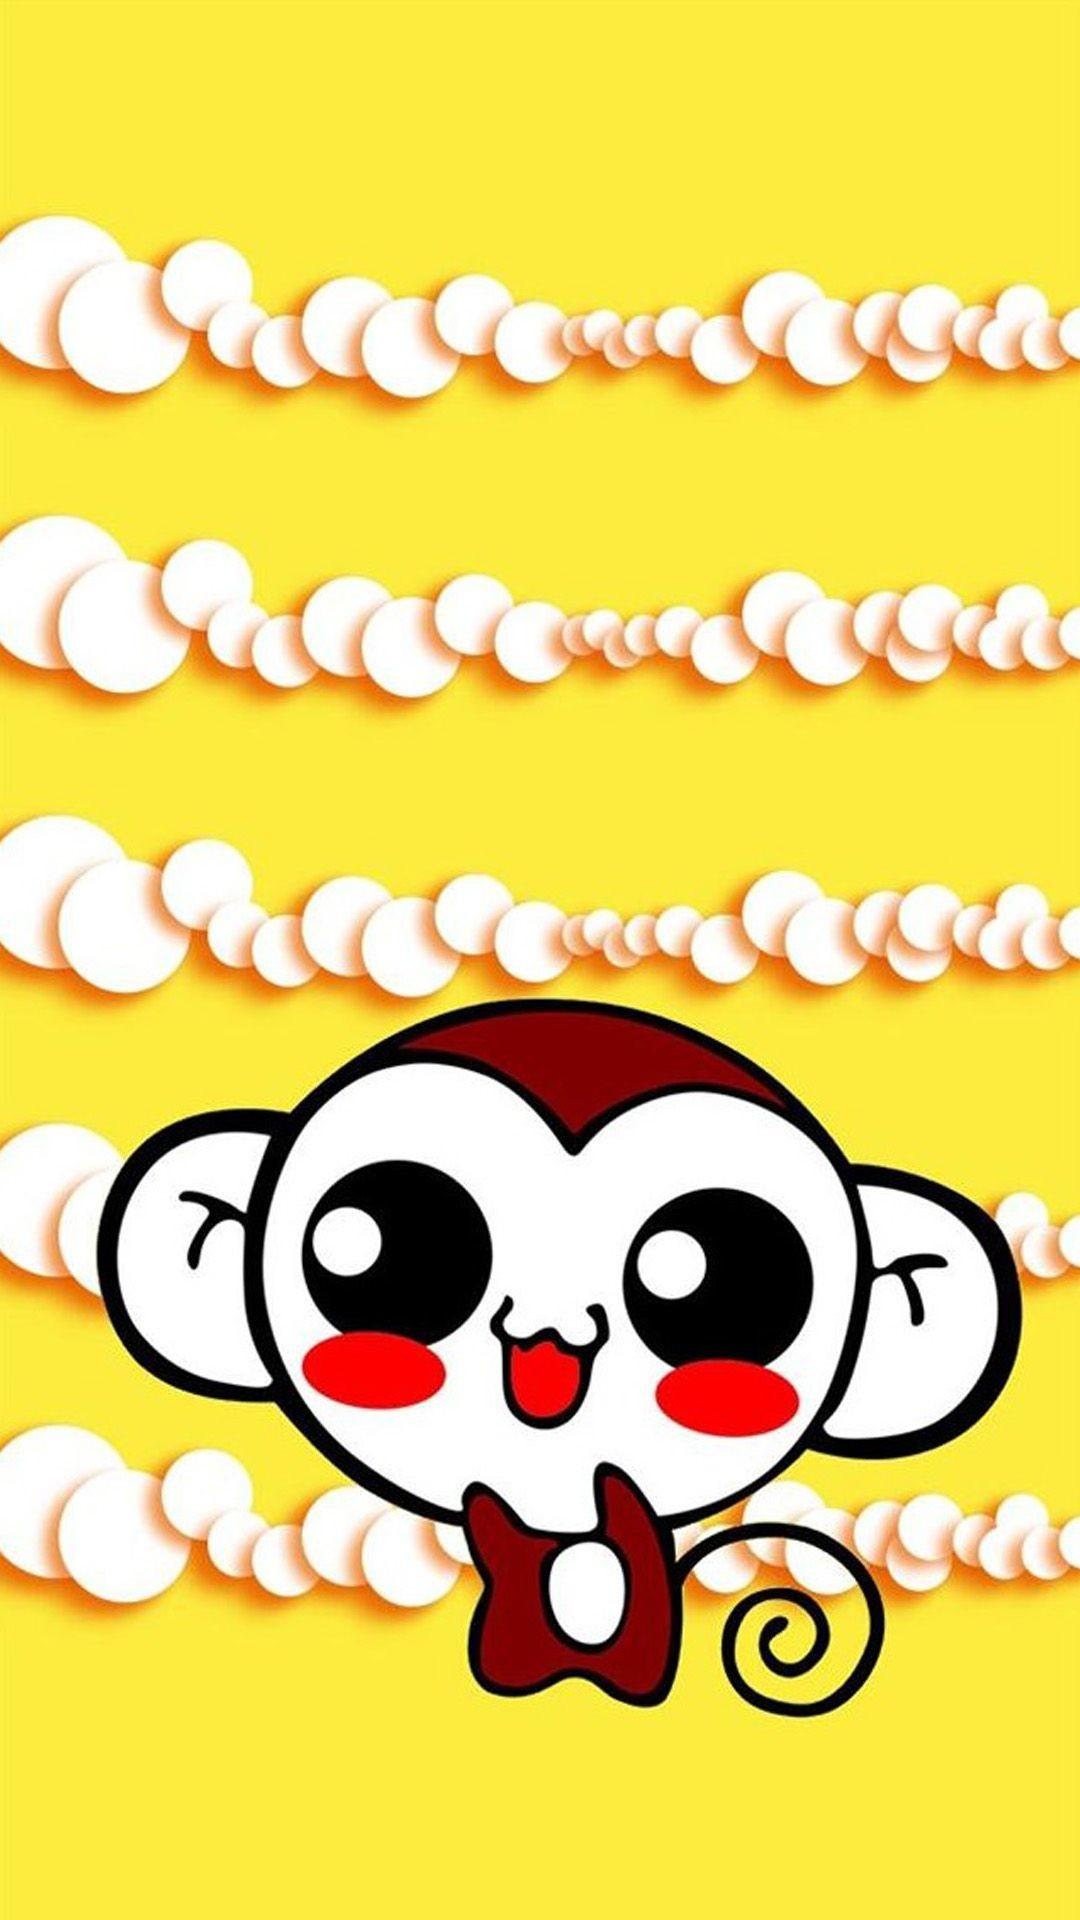 Cute Sweet Hippie Monkey iPhone 6 Wallpaper Download